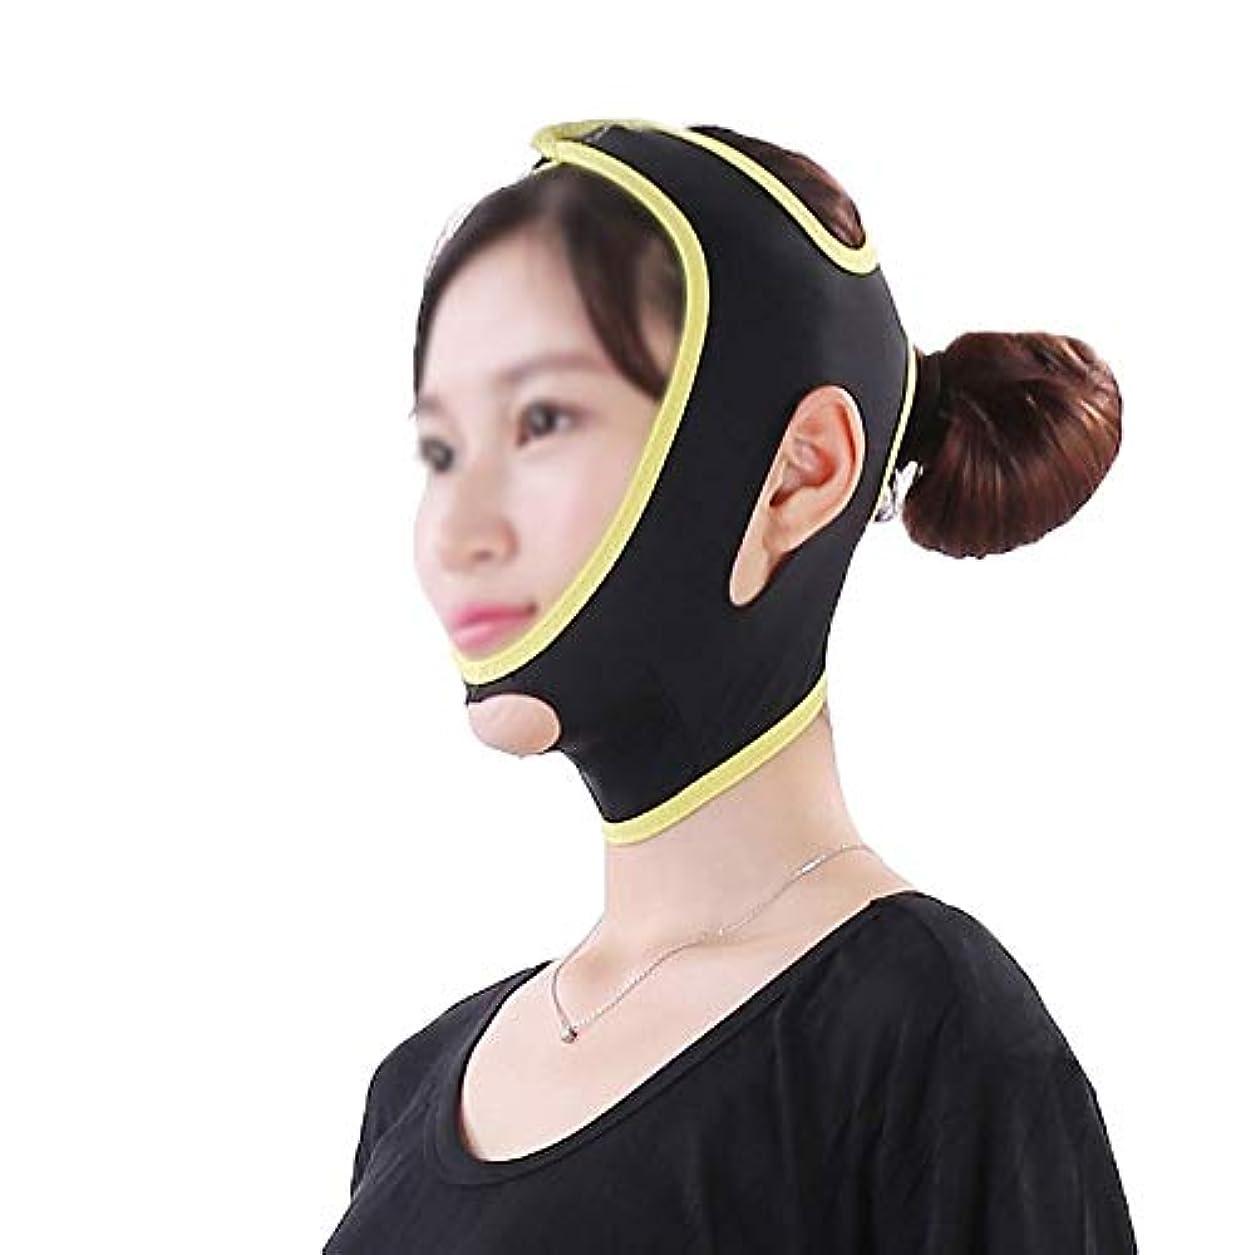 あなたのもの無謀課税GLJJQMY フェイス&ネックリフトシンフェイスマスクパワフルマスクフェイスリフトアーチファクトフェイスリフトフェイスツールシンフェイス包帯シンフェイスマスク美容マスク 顔用整形マスク (Size : L)